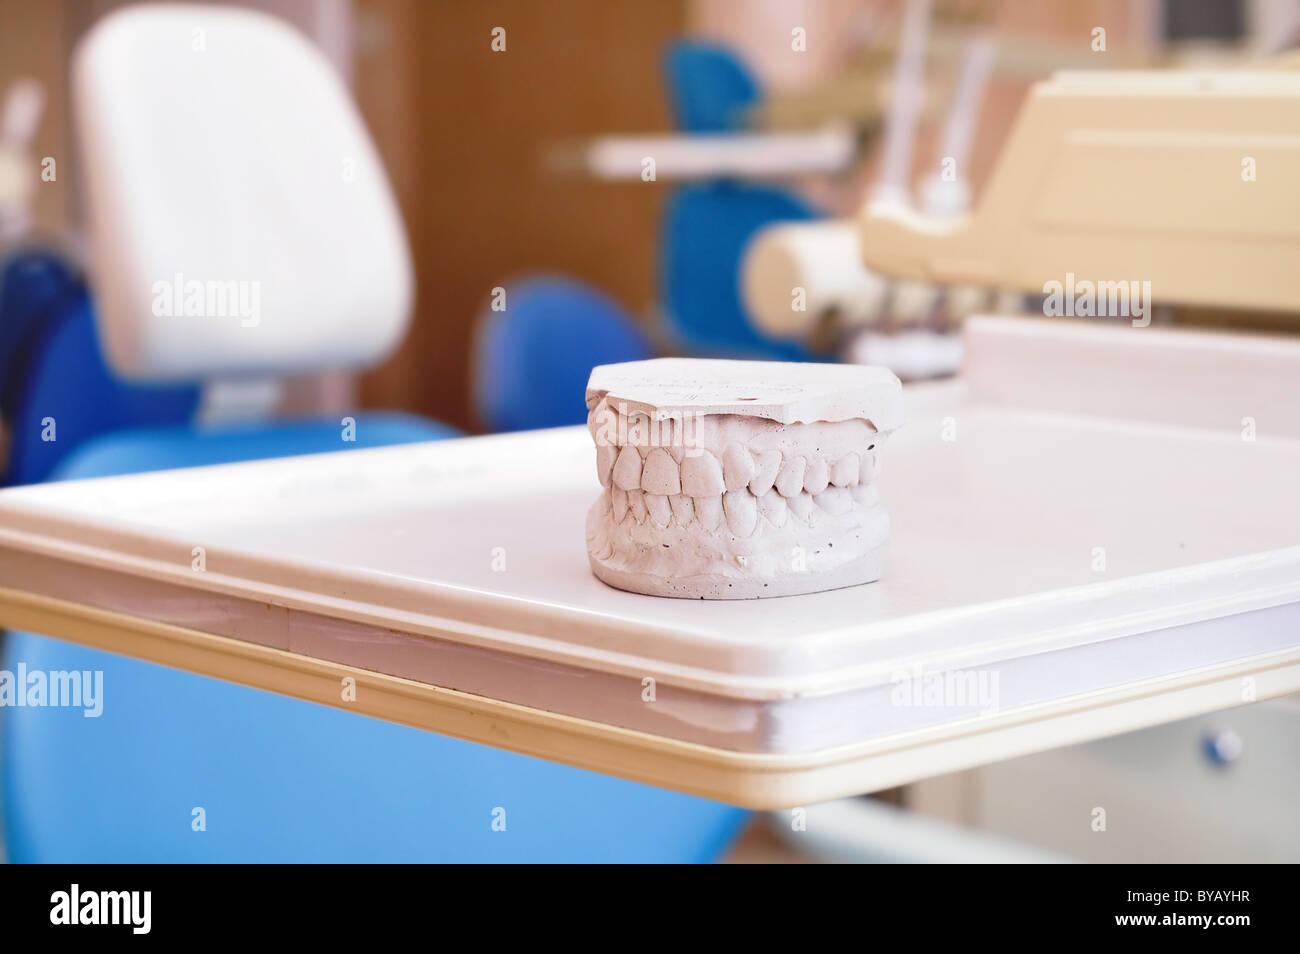 Le gypse dentiers et fauteuil dentaire clinique dentaire , équipement intérieur Photo Stock